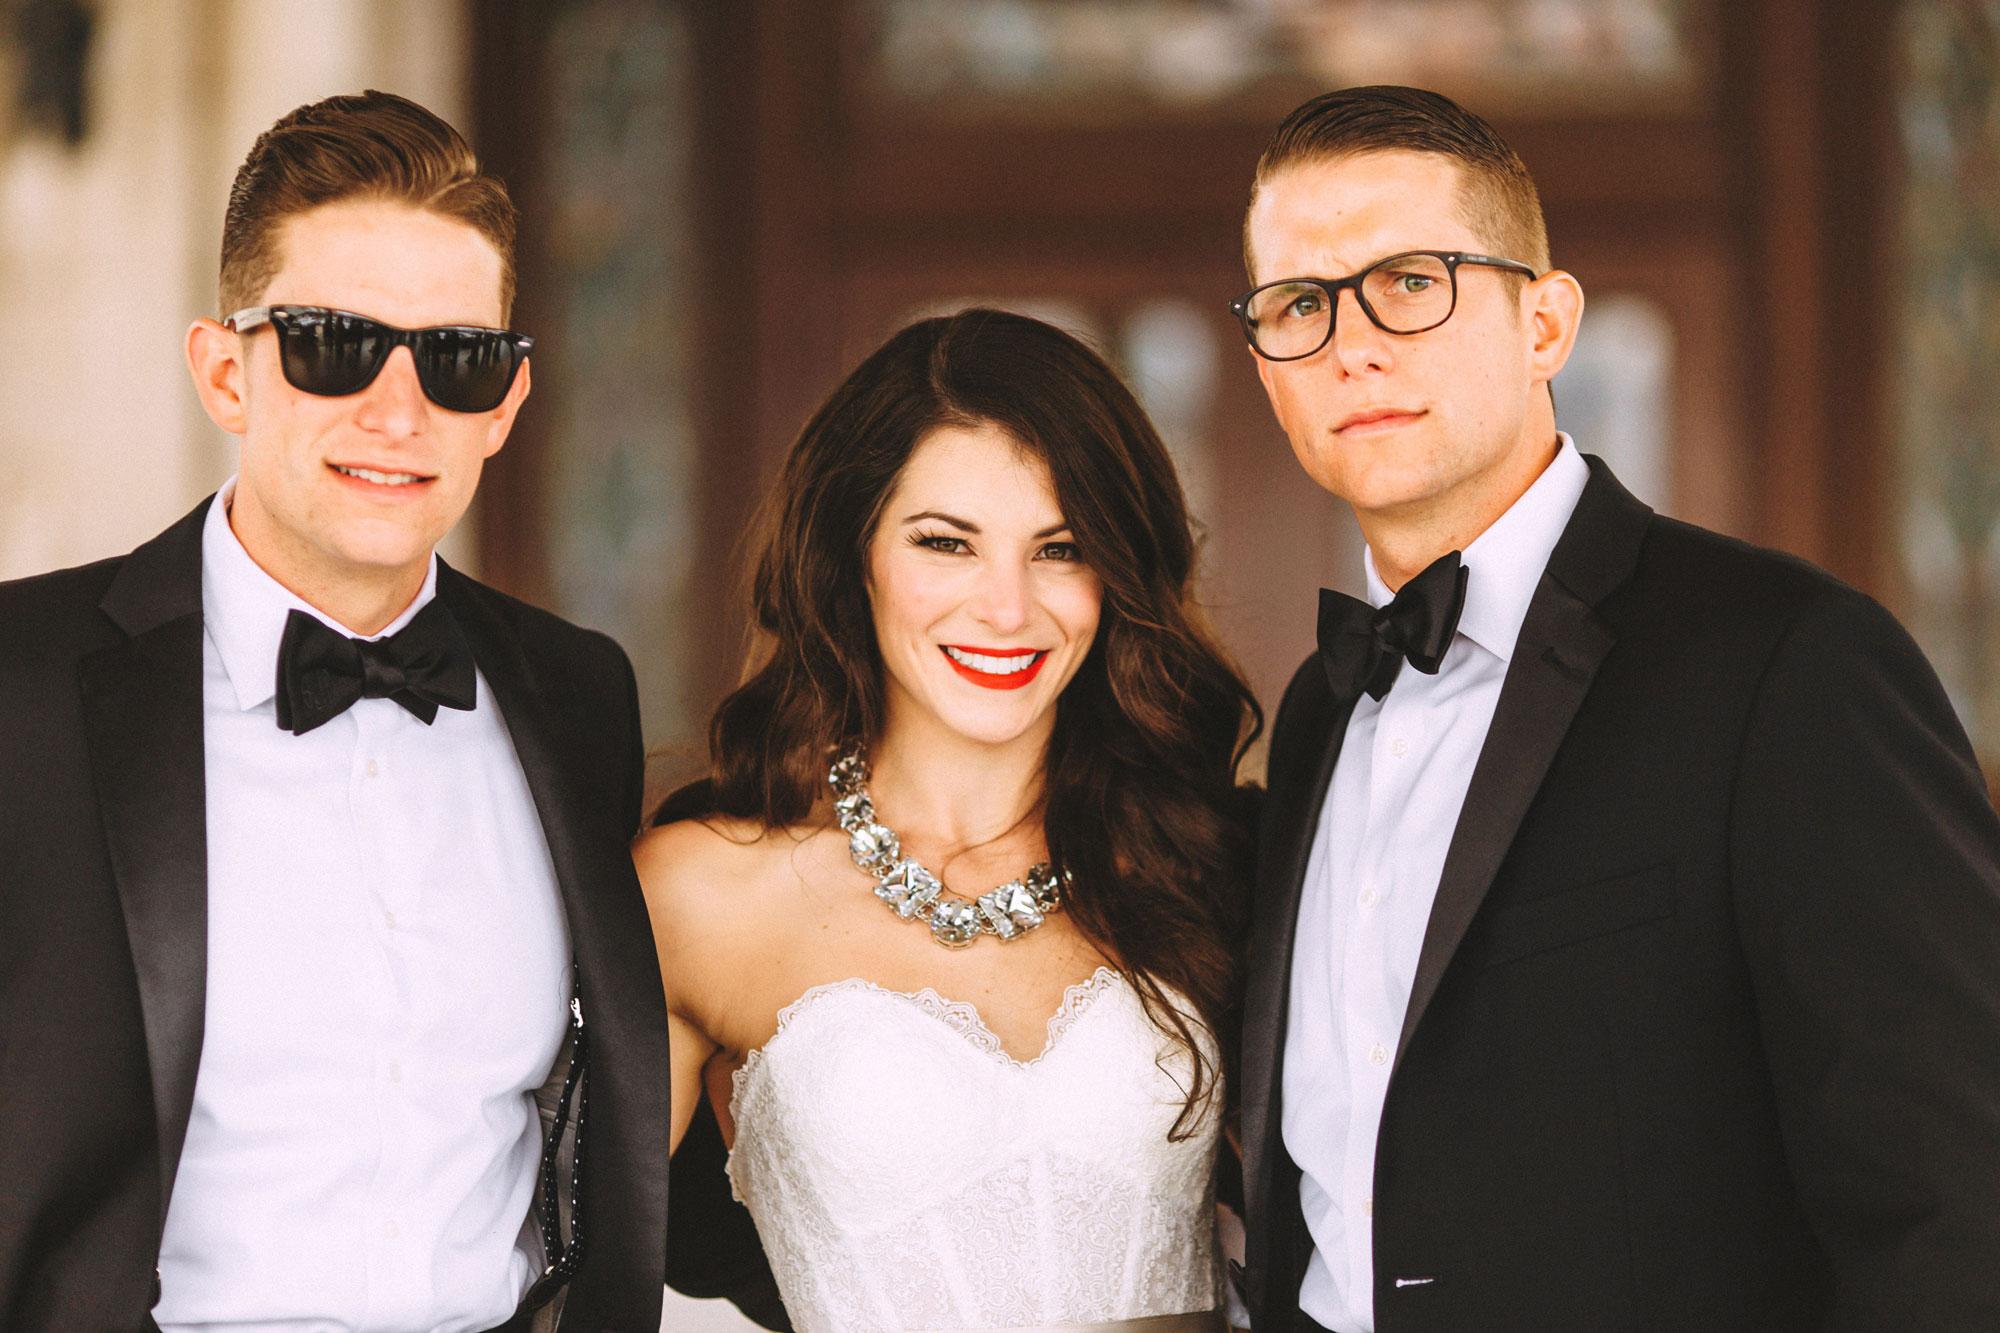 Me & Mr. Jones Wedding, First Look at Union Station Hotel, Nashville Wedding, Black Tie Wedding, Southern Wedding, Glam Wedding, Statement Necklace